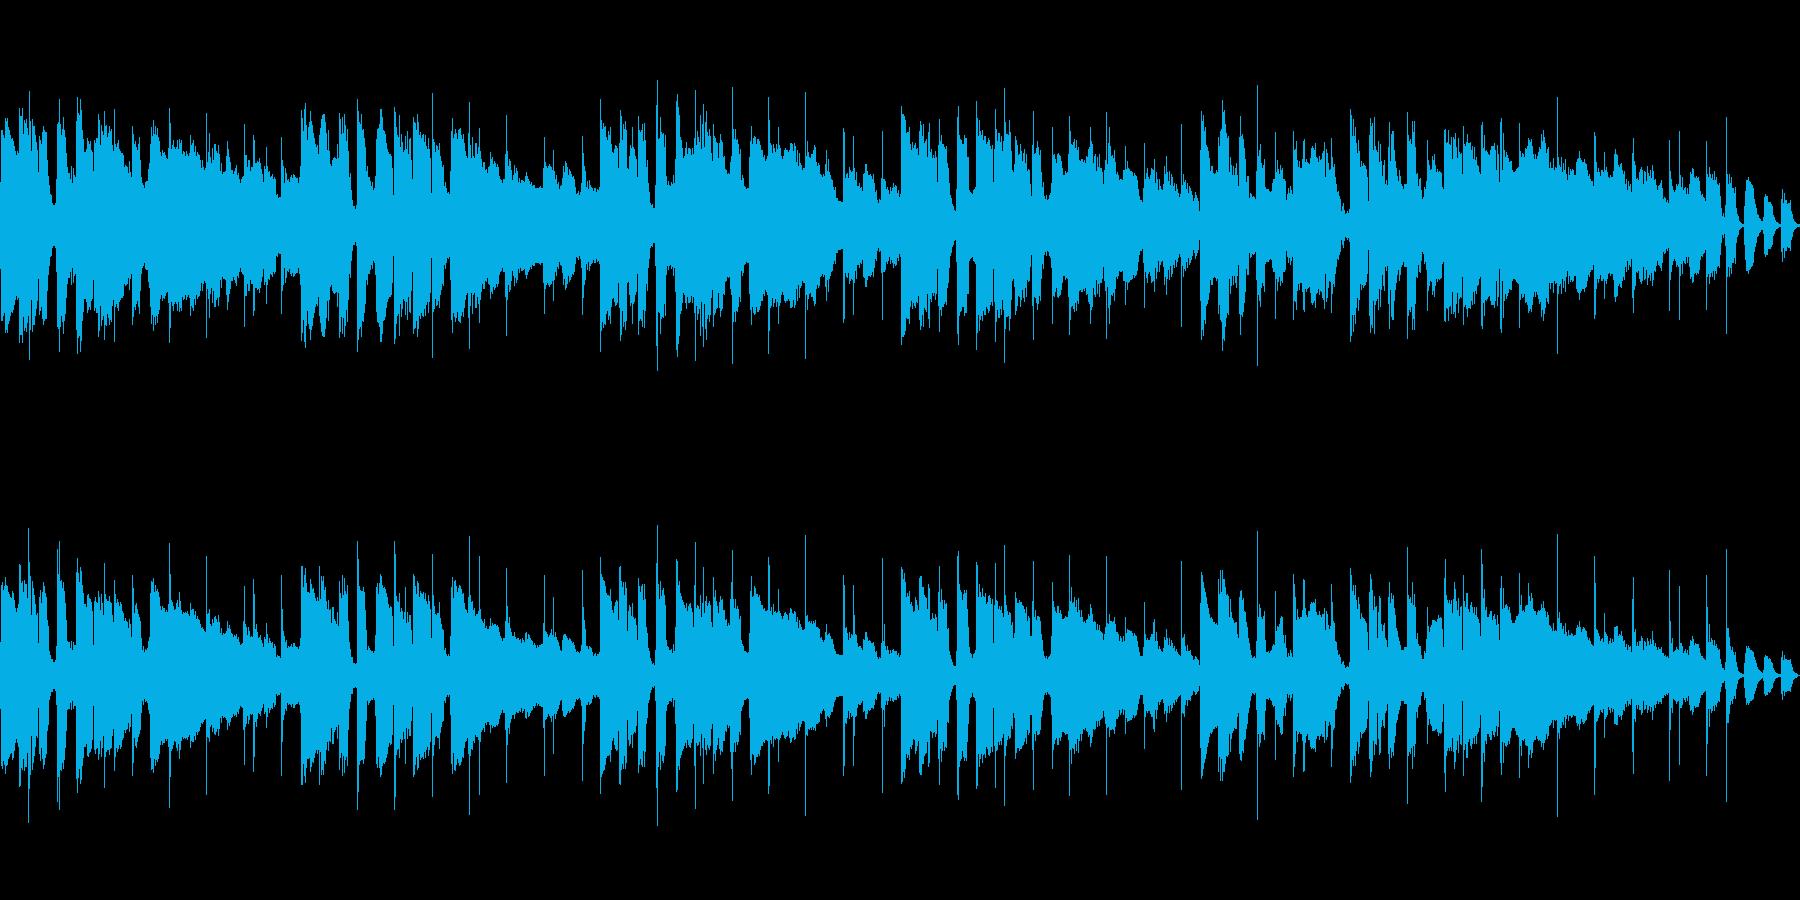 Aギター生演奏-軽快シンプルで使い易いの再生済みの波形